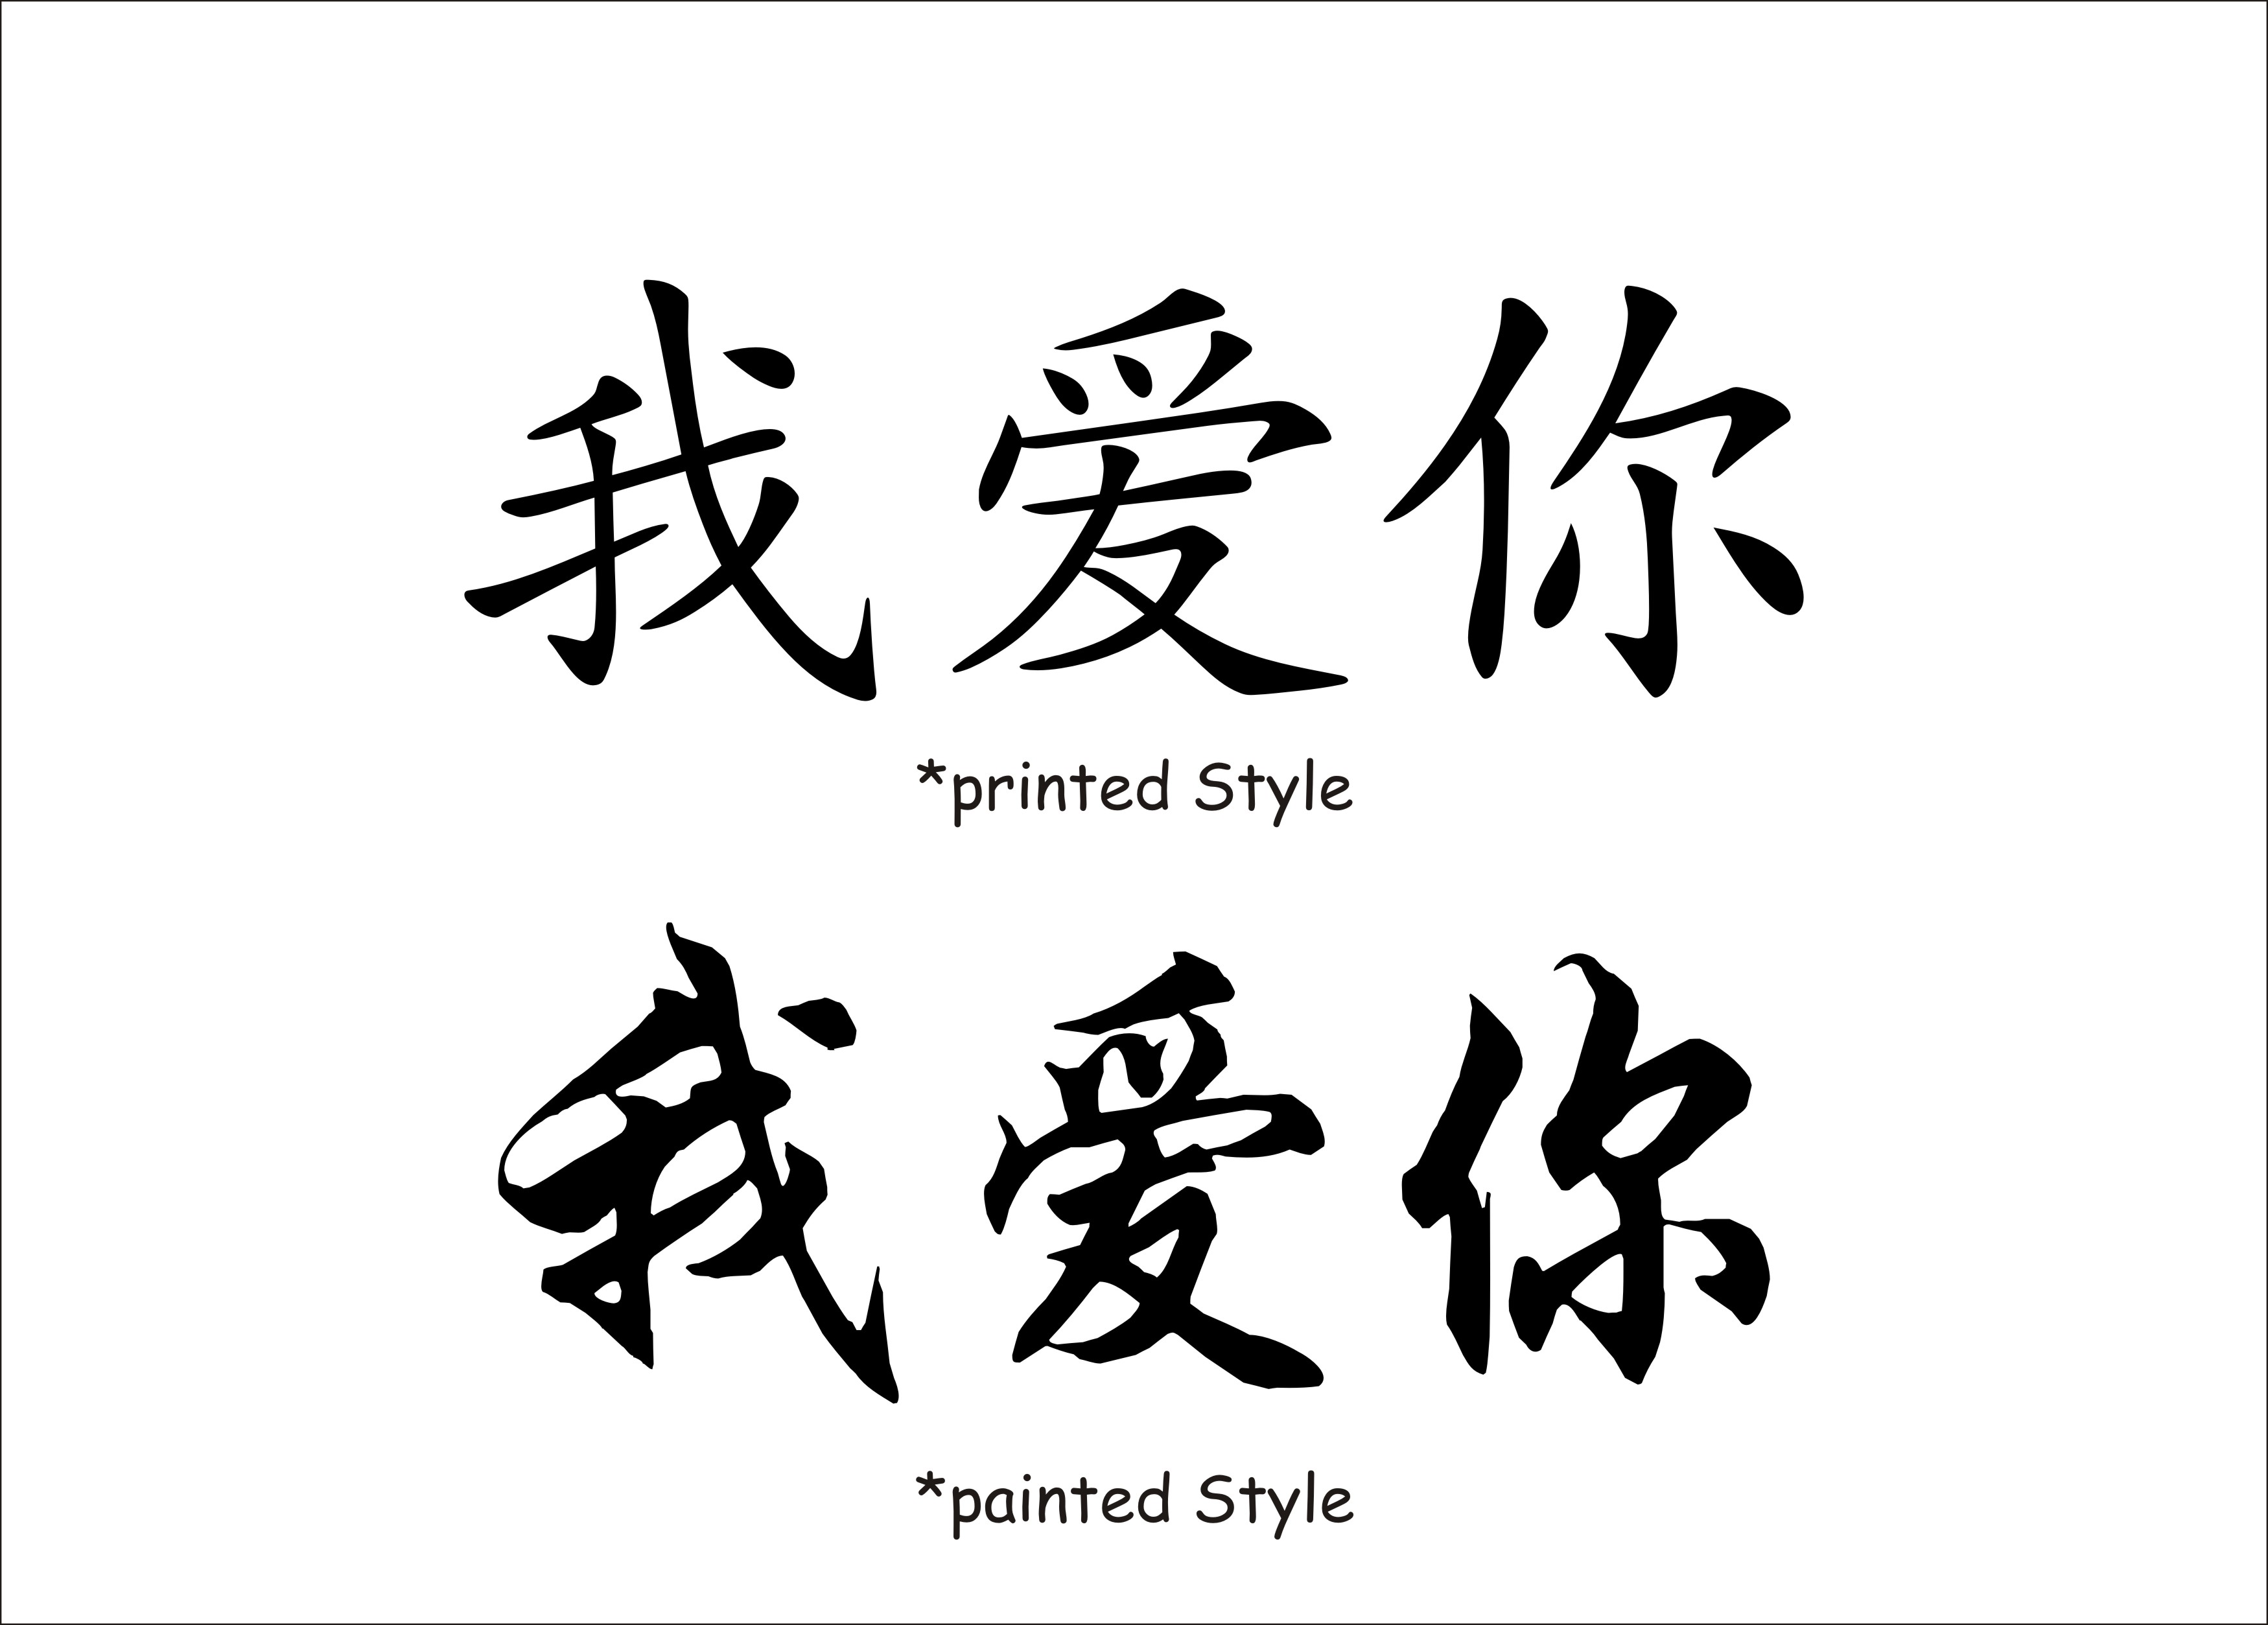 wandtattoo chinesische schriftzeichen f r ich liebe dich. Black Bedroom Furniture Sets. Home Design Ideas